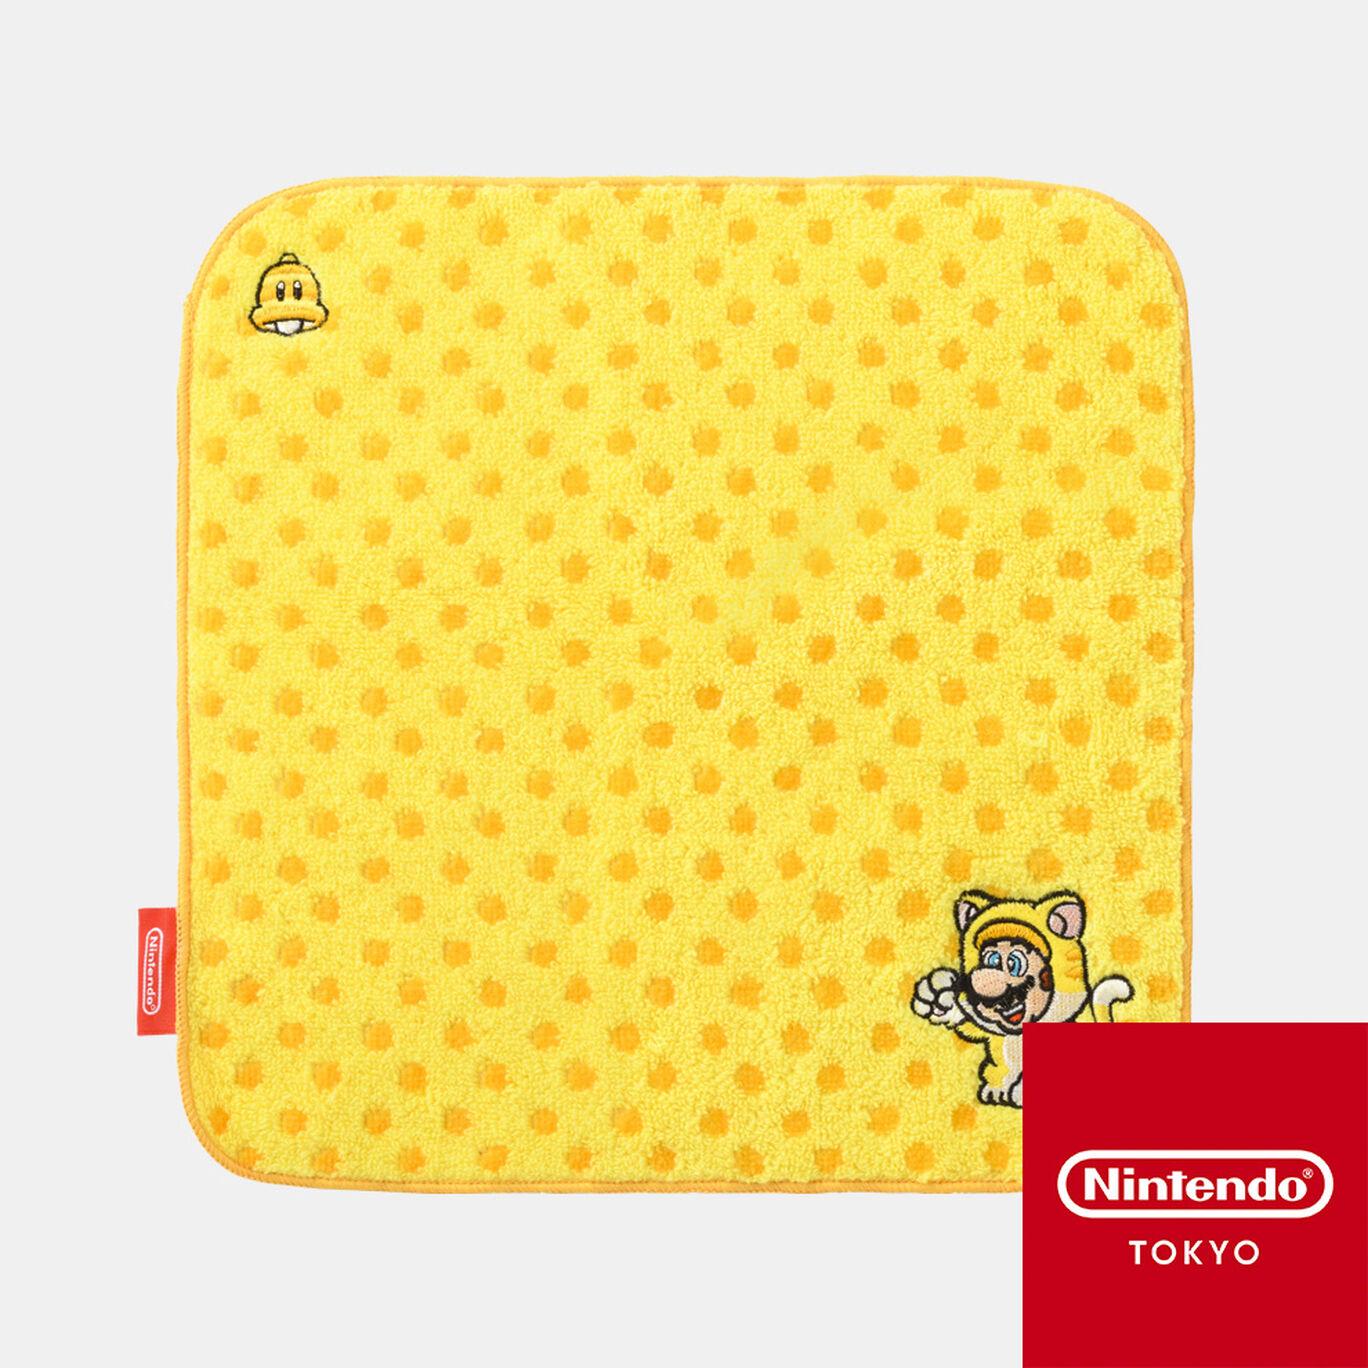 ミニタオル スーパーマリオ パワーアップ C【Nintendo TOKYO取り扱い商品】